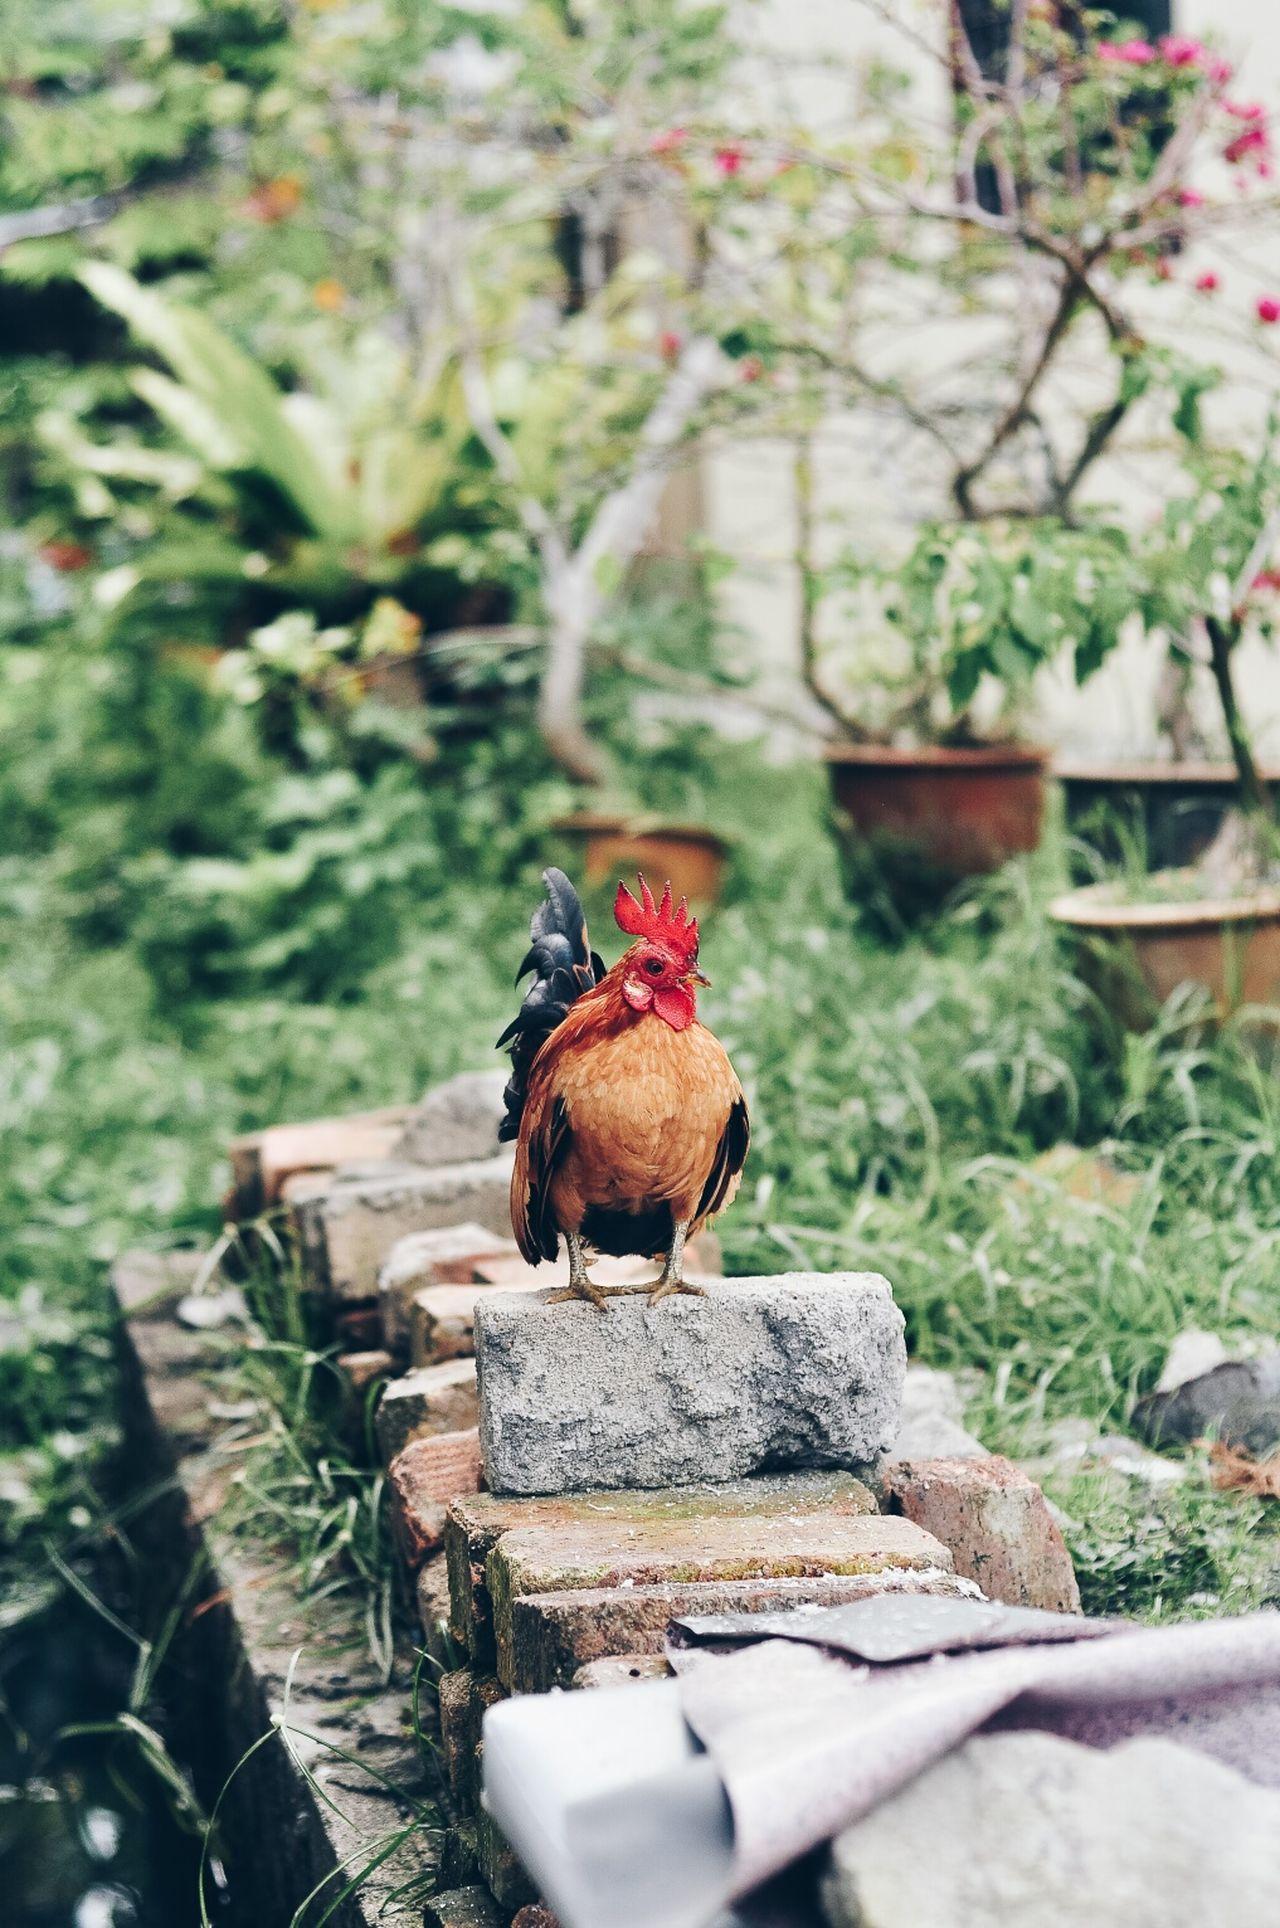 chicken - bird